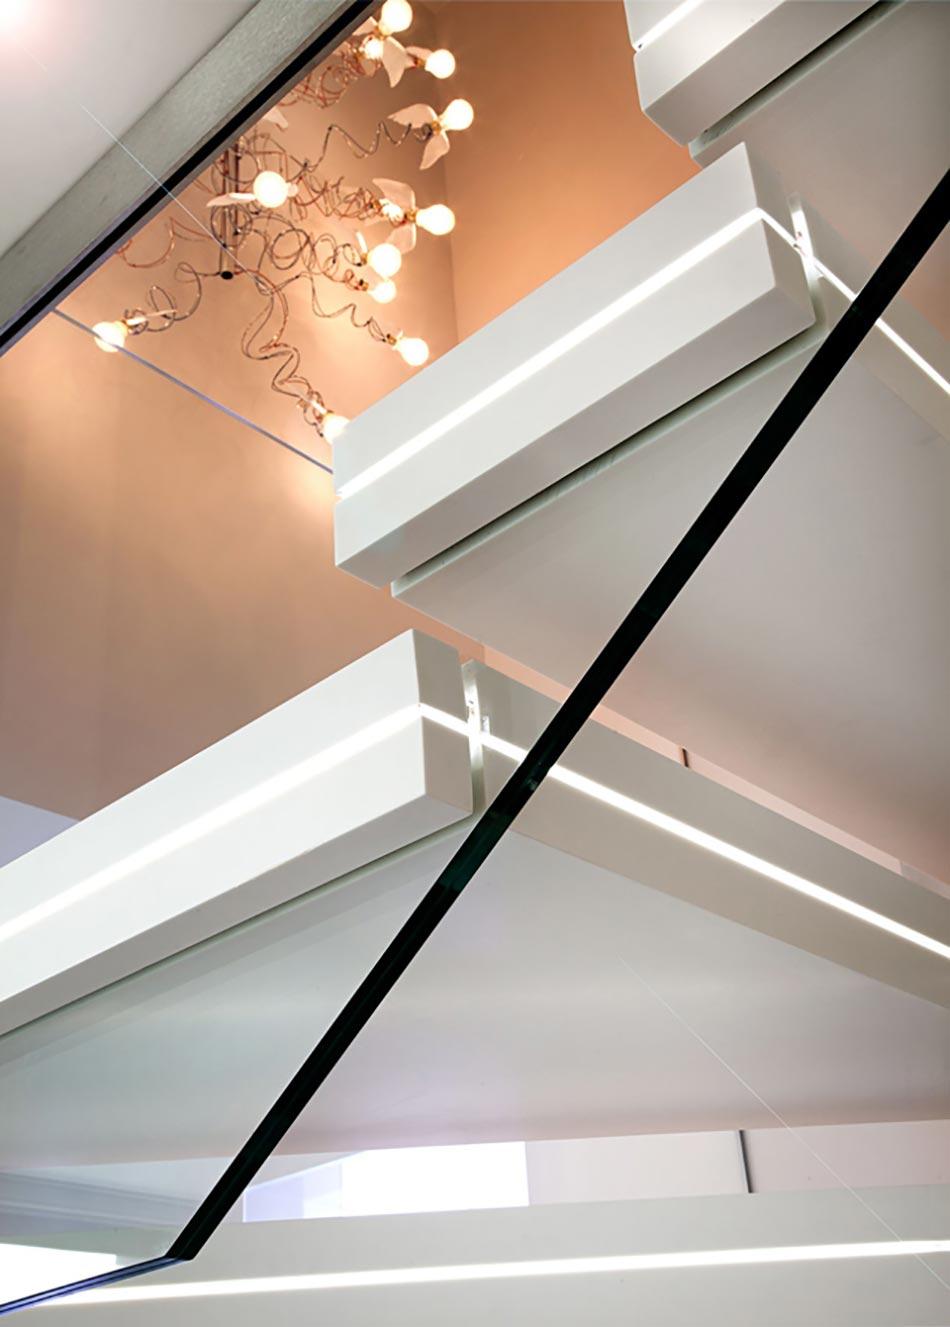 Beau Les Marches De Lu0027escalier Luxio Vues De Près. Escalier Design Marbre Blanc  Lumineux Original